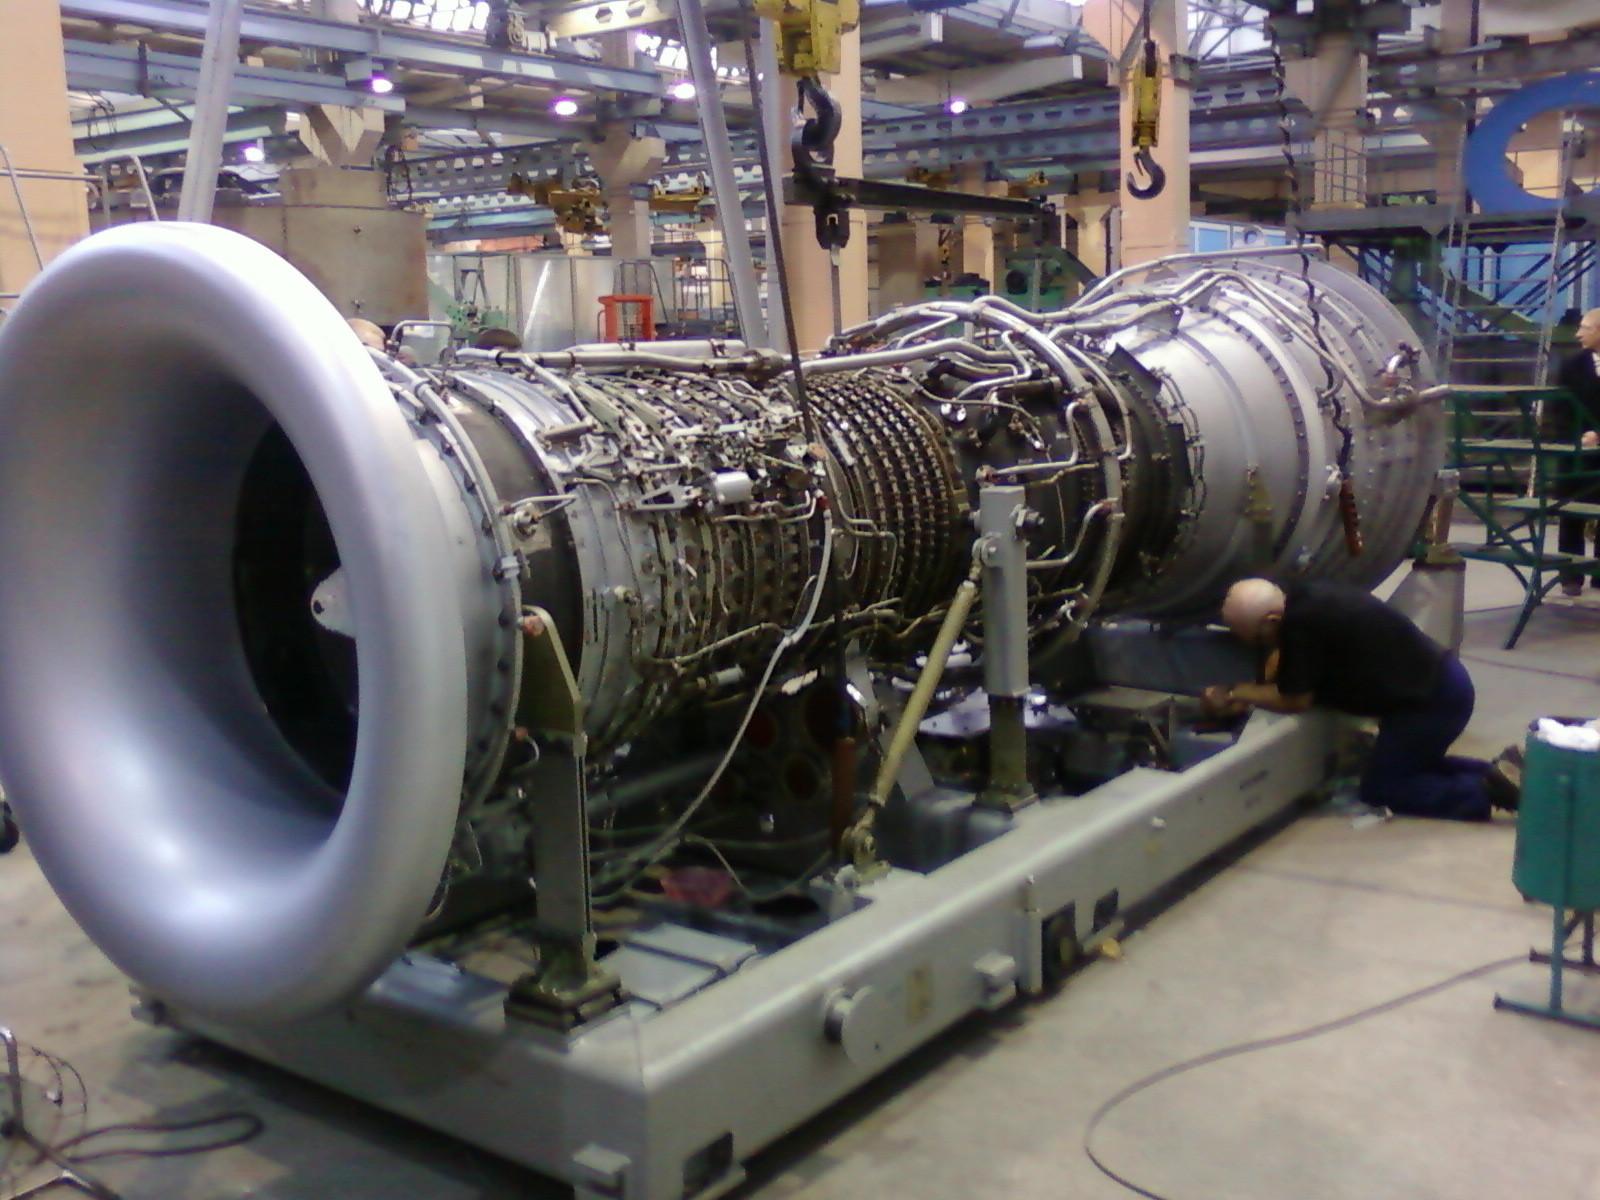 PAK DA deverá ter motor baseado no núcleo dos propulsores Kuznetsov NK-32  que equipam os bombardeiros TU-160 Black Jack